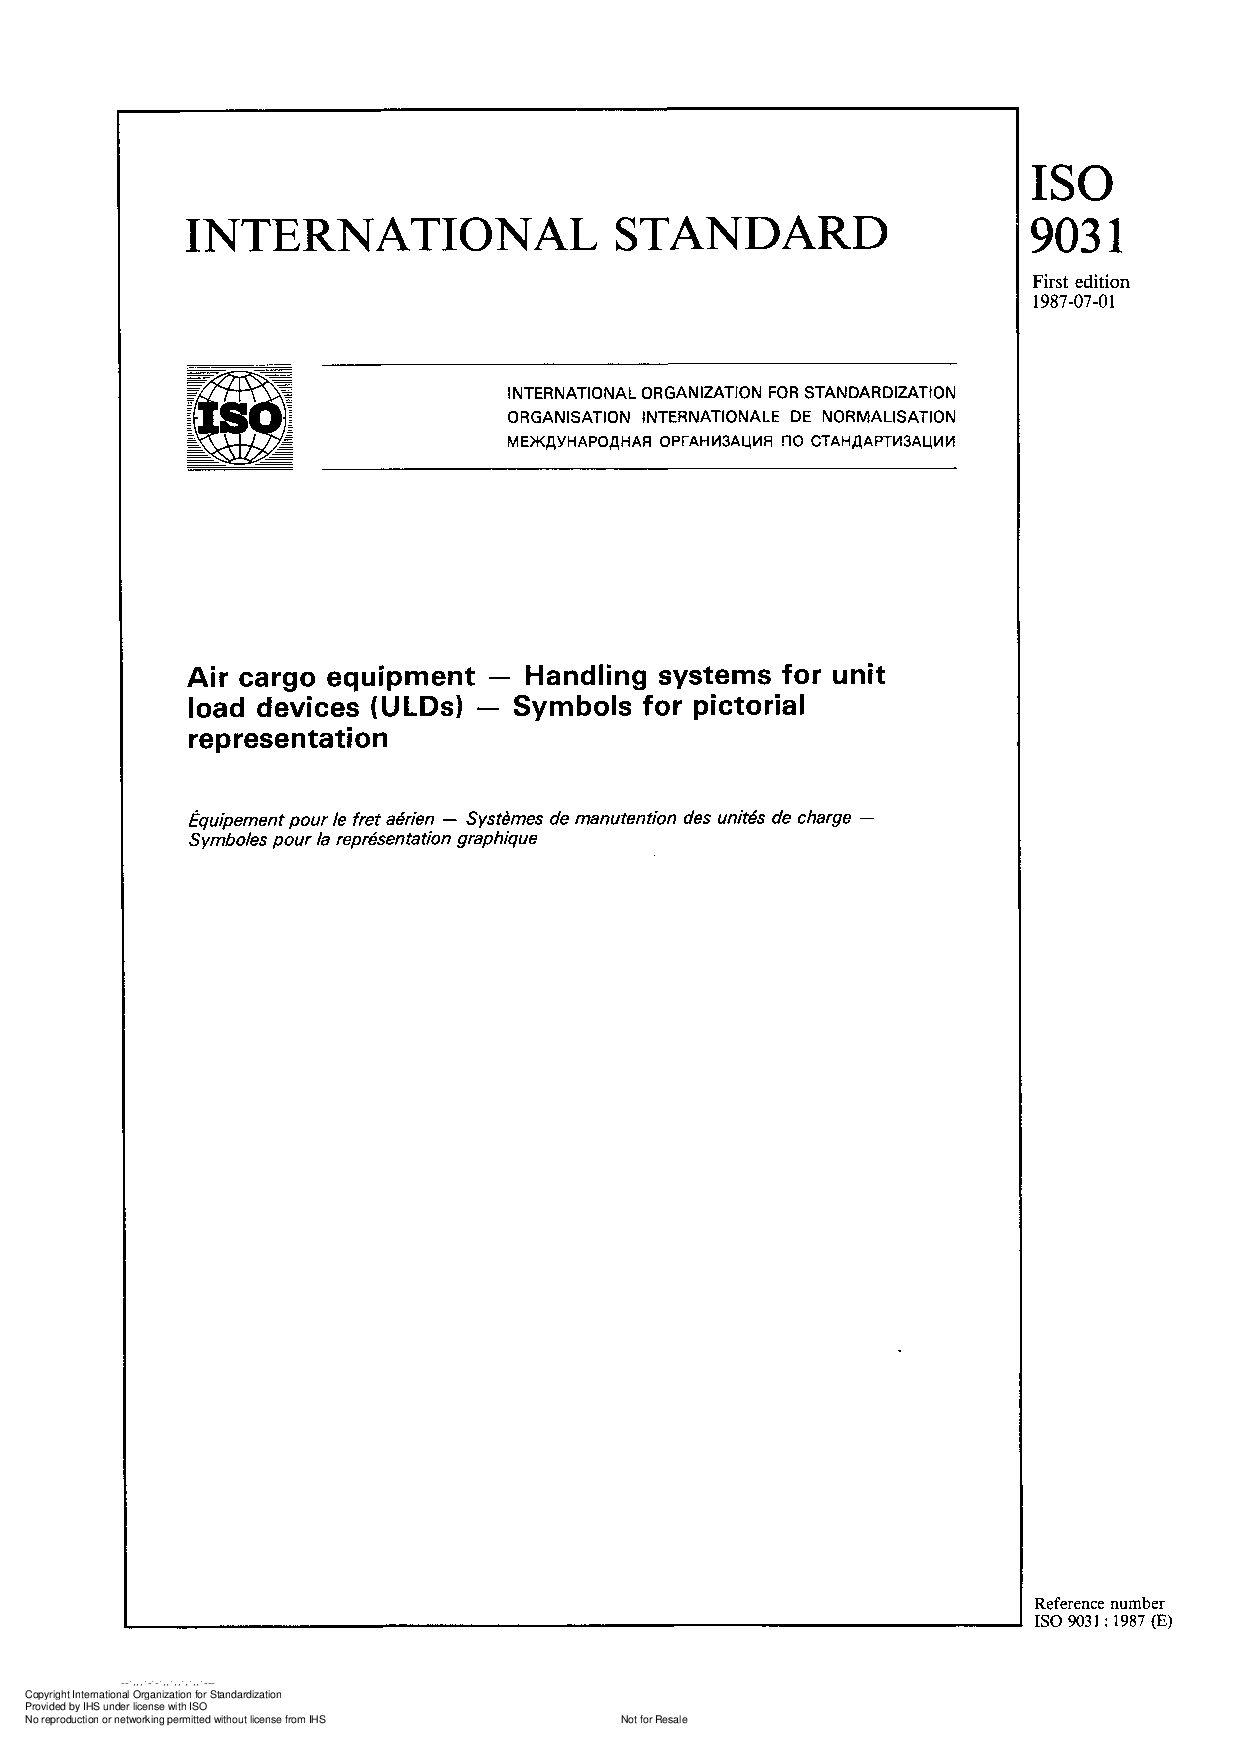 ISO9031-1987航空货运单元集装设备气球(U40寸数字装置图片